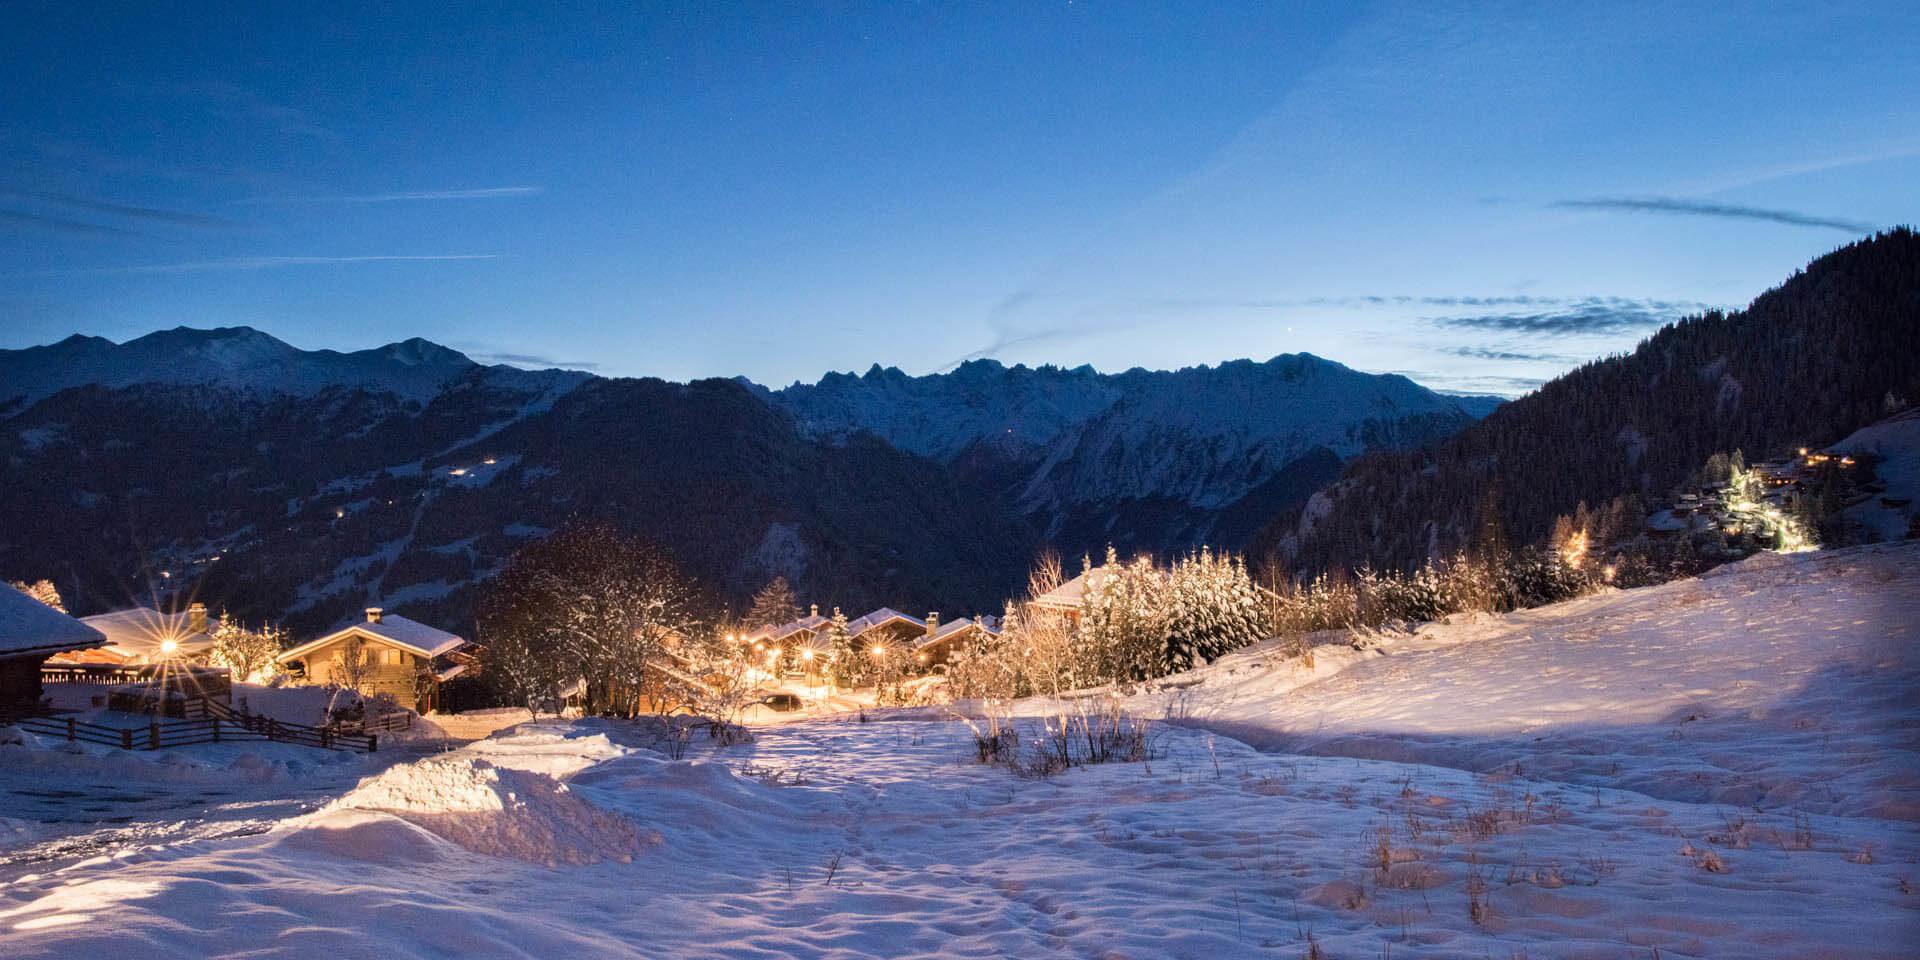 Chalet Rock Verbier Les 4 Vallees Zwitserland wintersport skivakantie luxe uitzicht sneeuw besneeuwde bomen bergen lichtjes